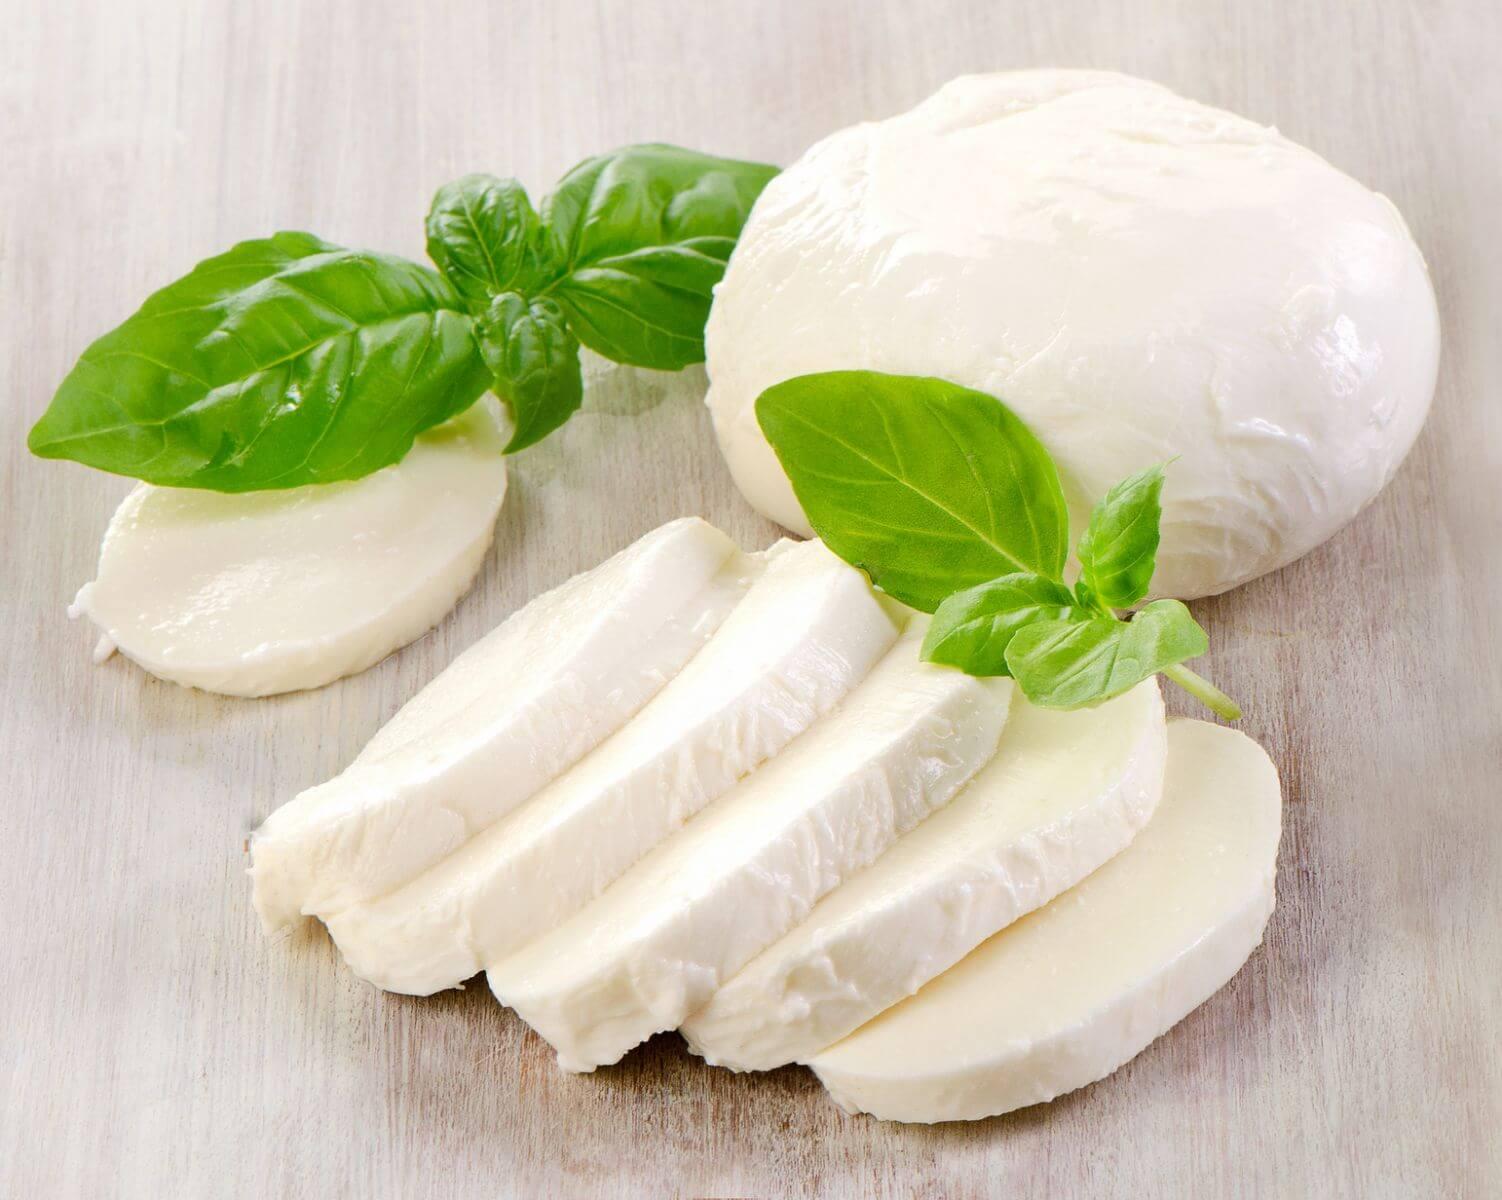 Рекомендации по изготовлению сыра моцарелла, состав и калорийность продукта